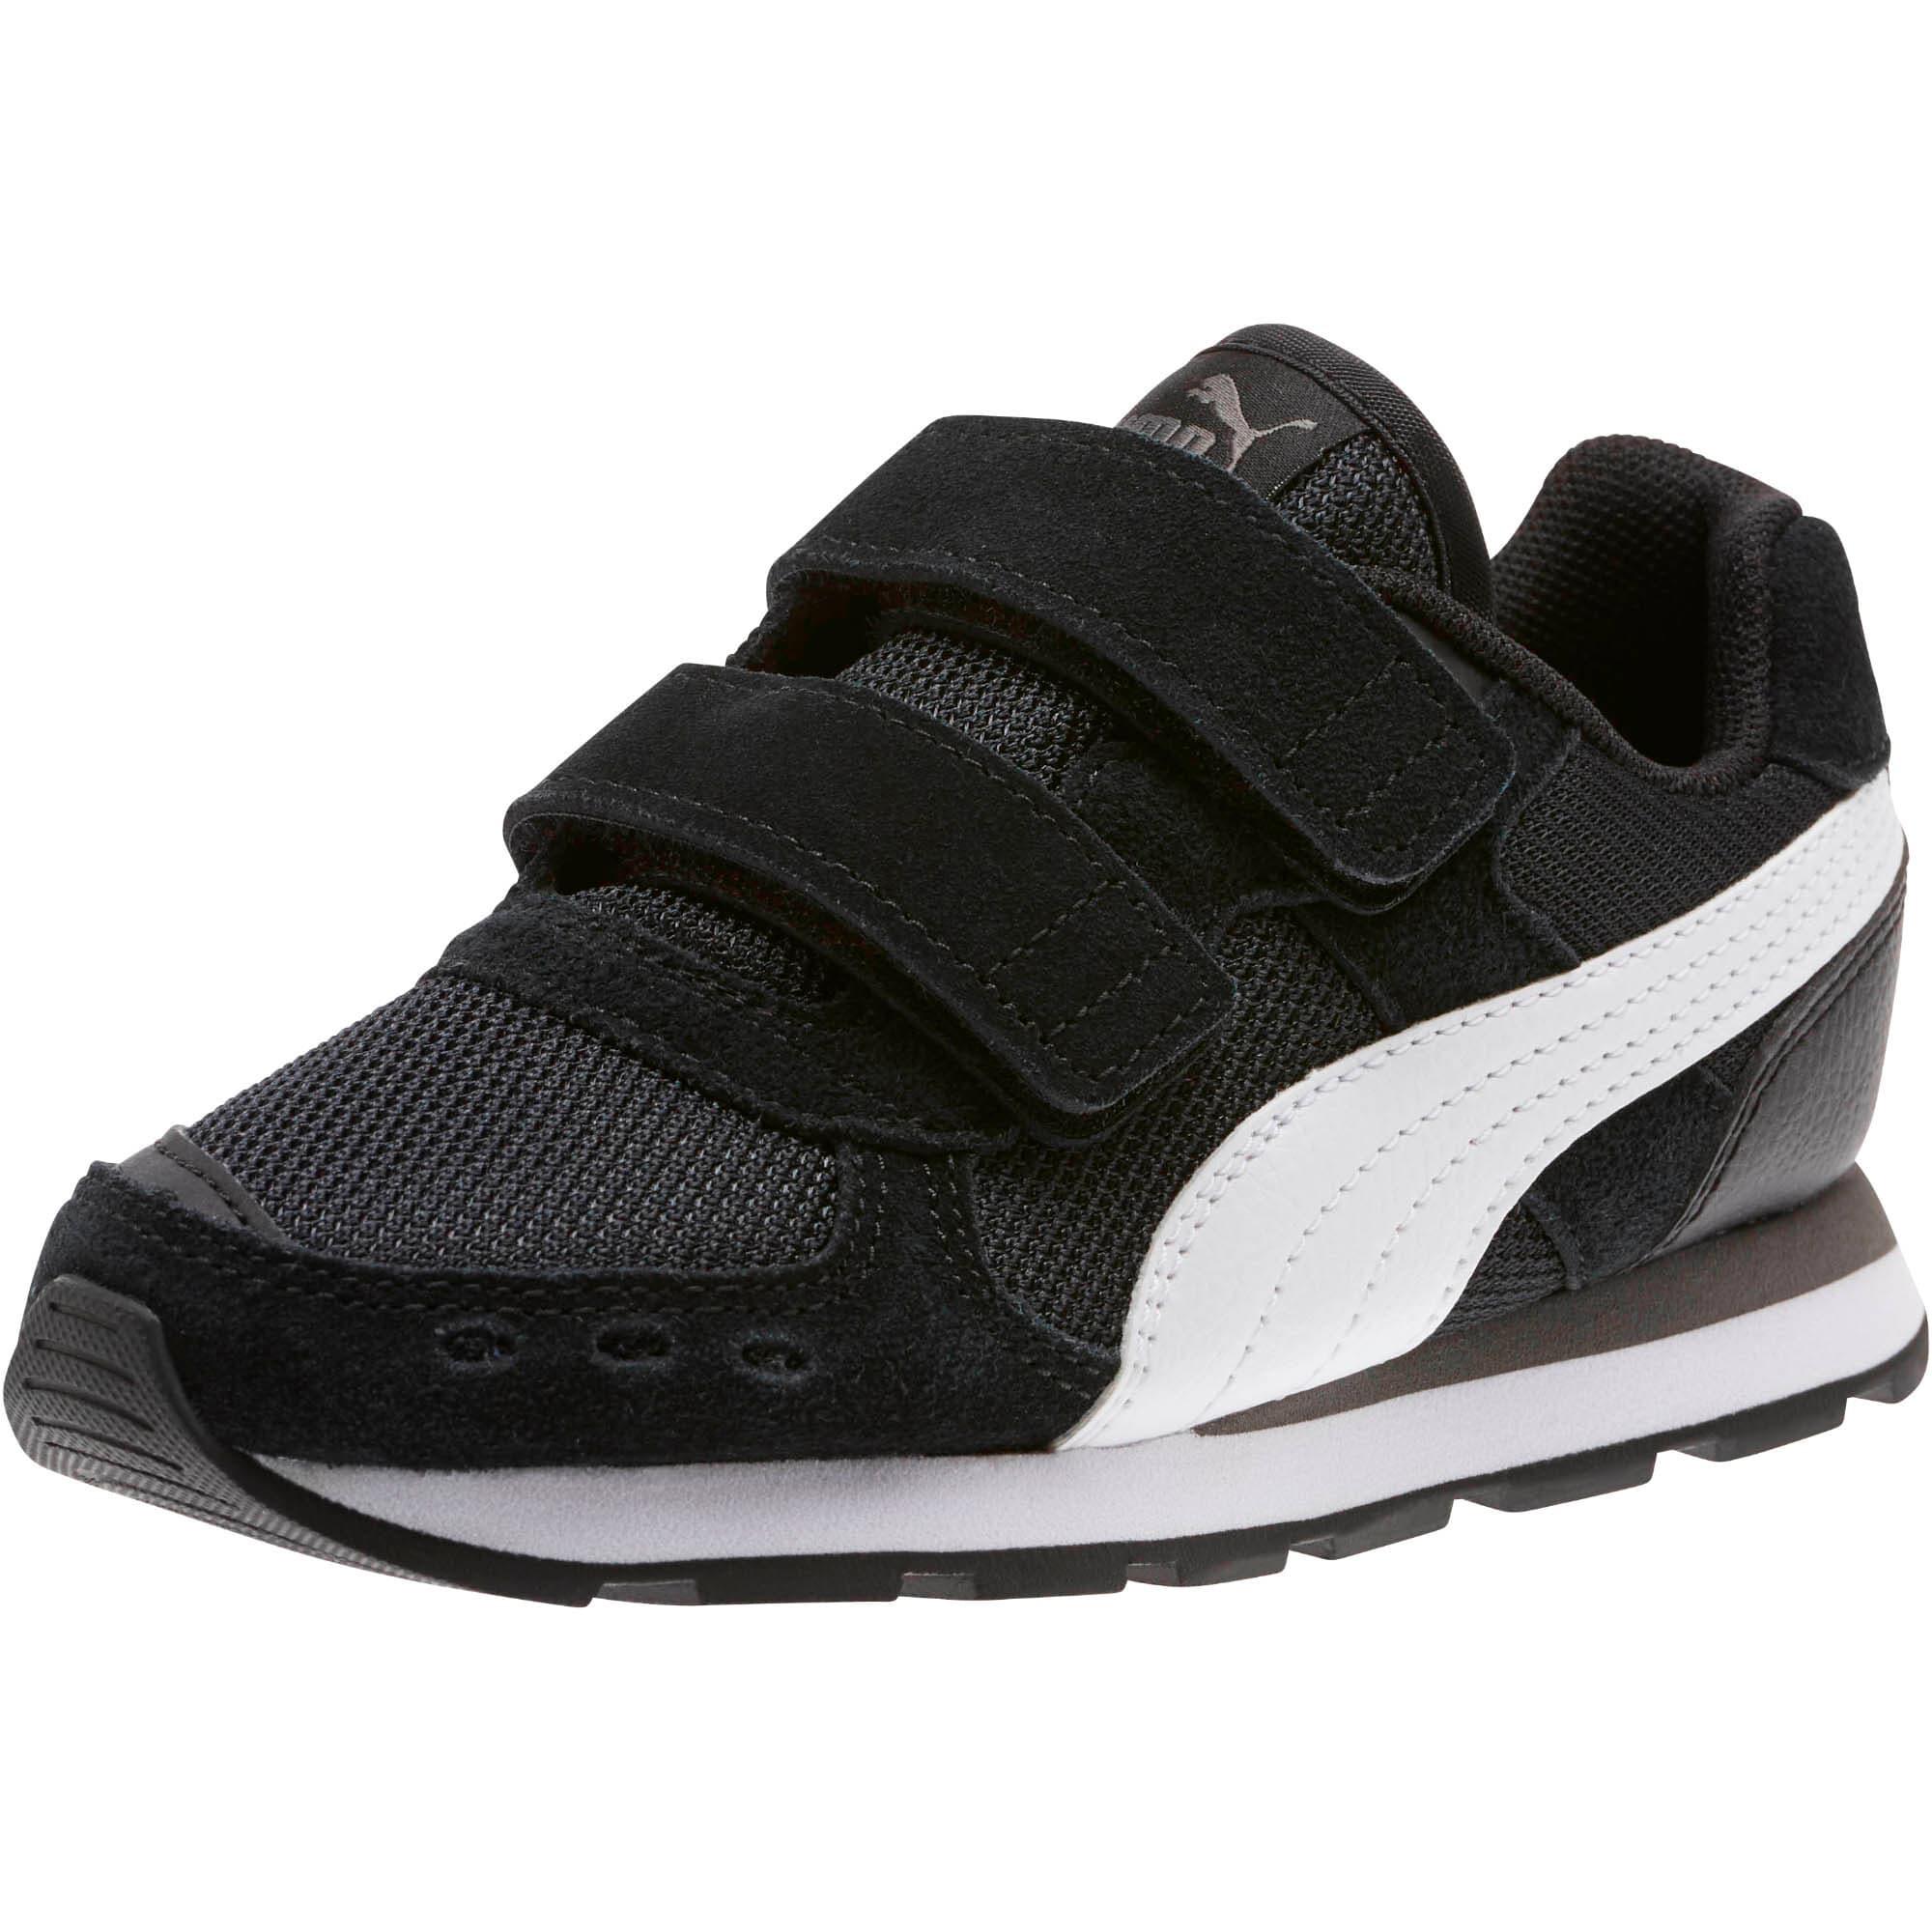 Miniatura 1 de Zapatos Vista para niños, Puma Black-Puma White, mediano